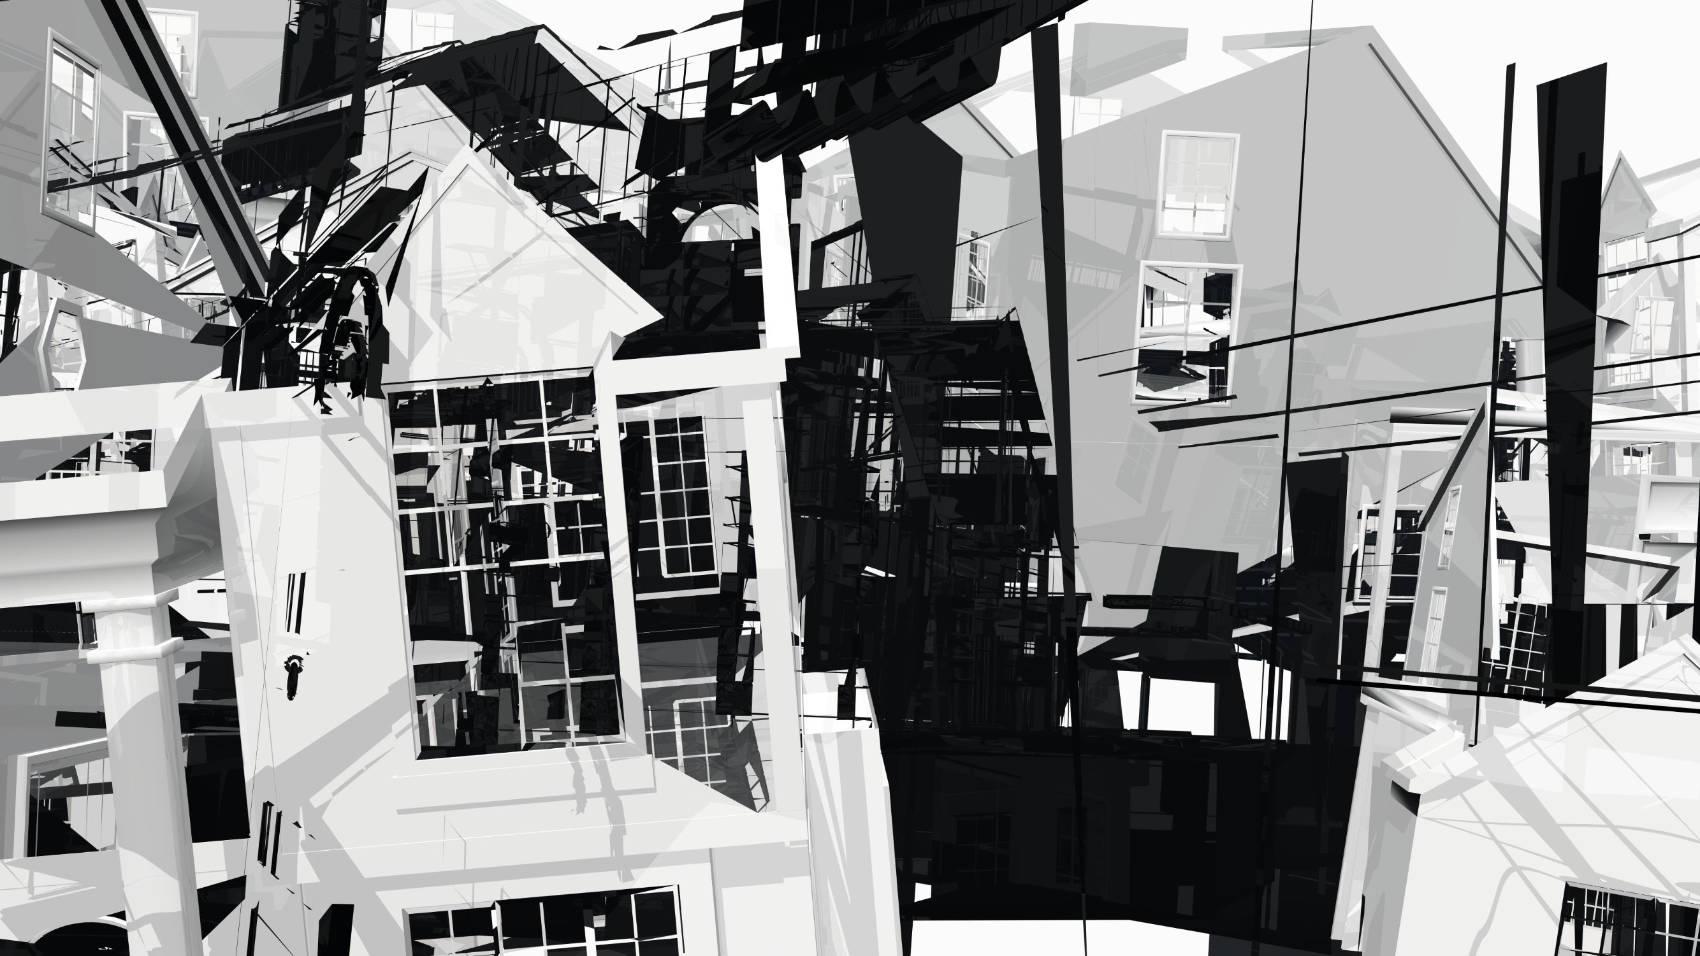 Broken Architecture 7, 2018, Jet d'encre, 69 x 120 cm